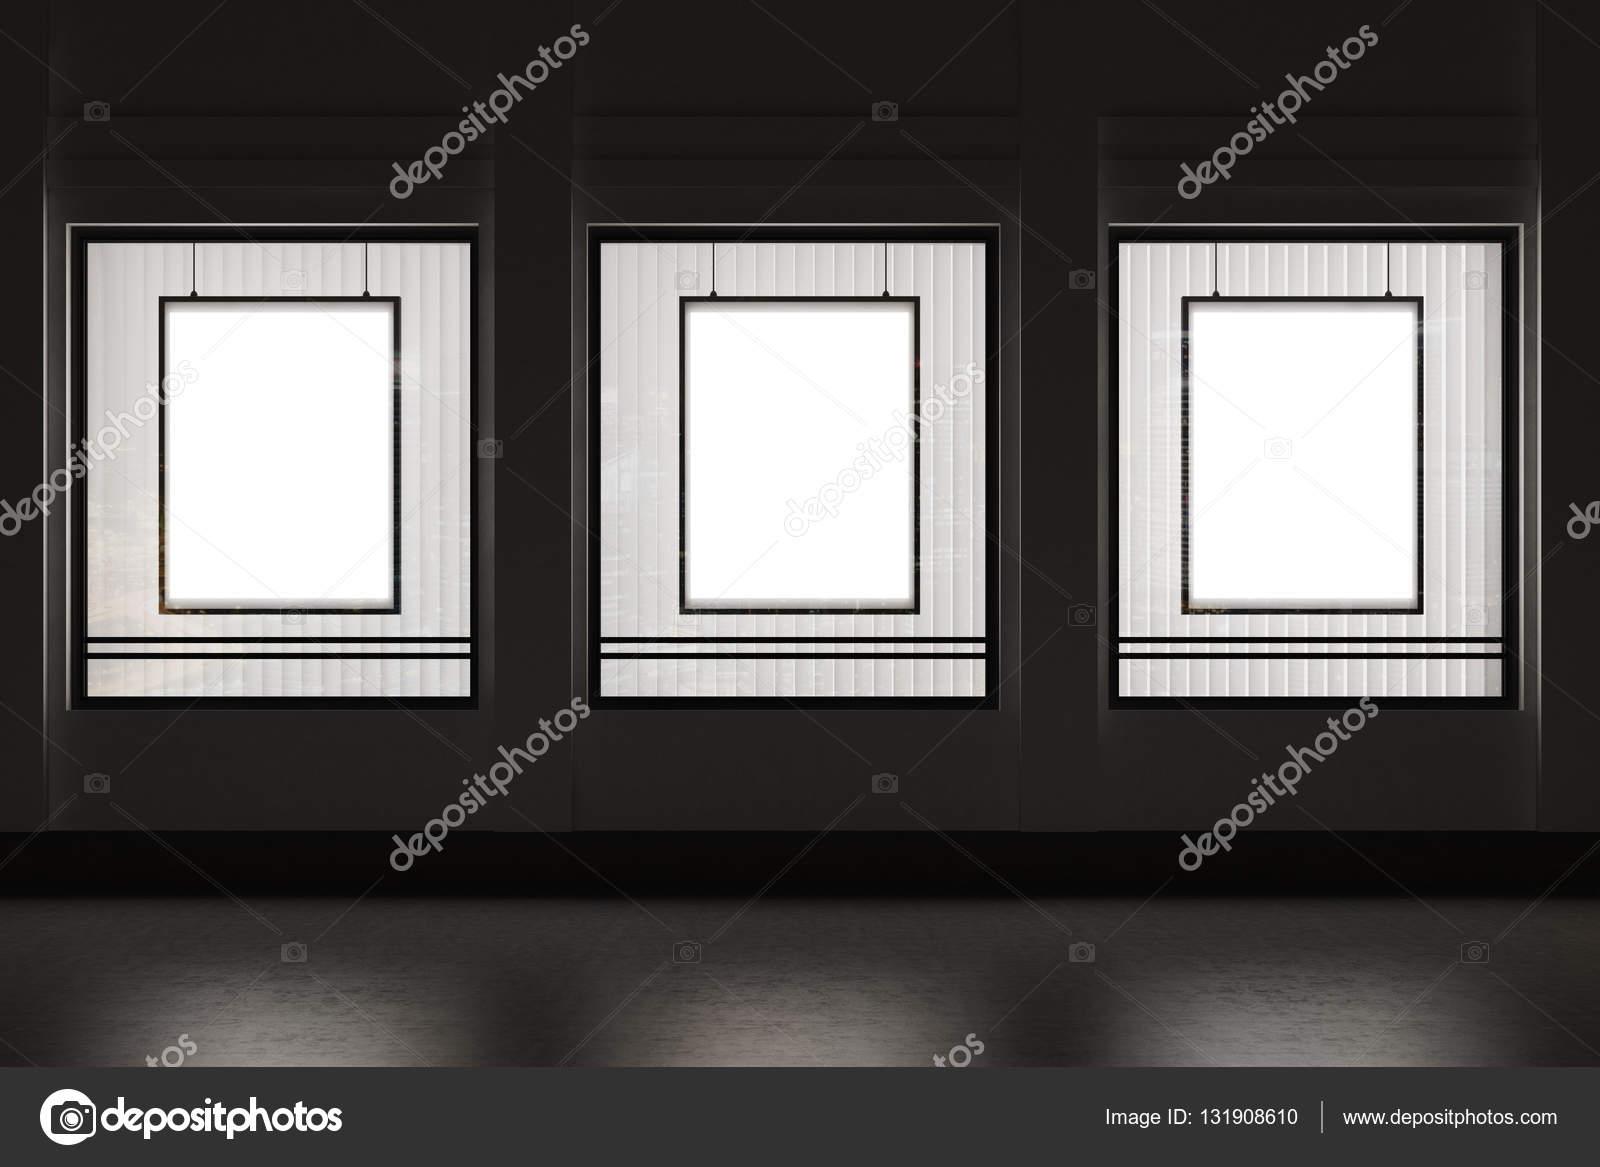 Escaparate con tres carteles verticales enmarcados en una pared ...